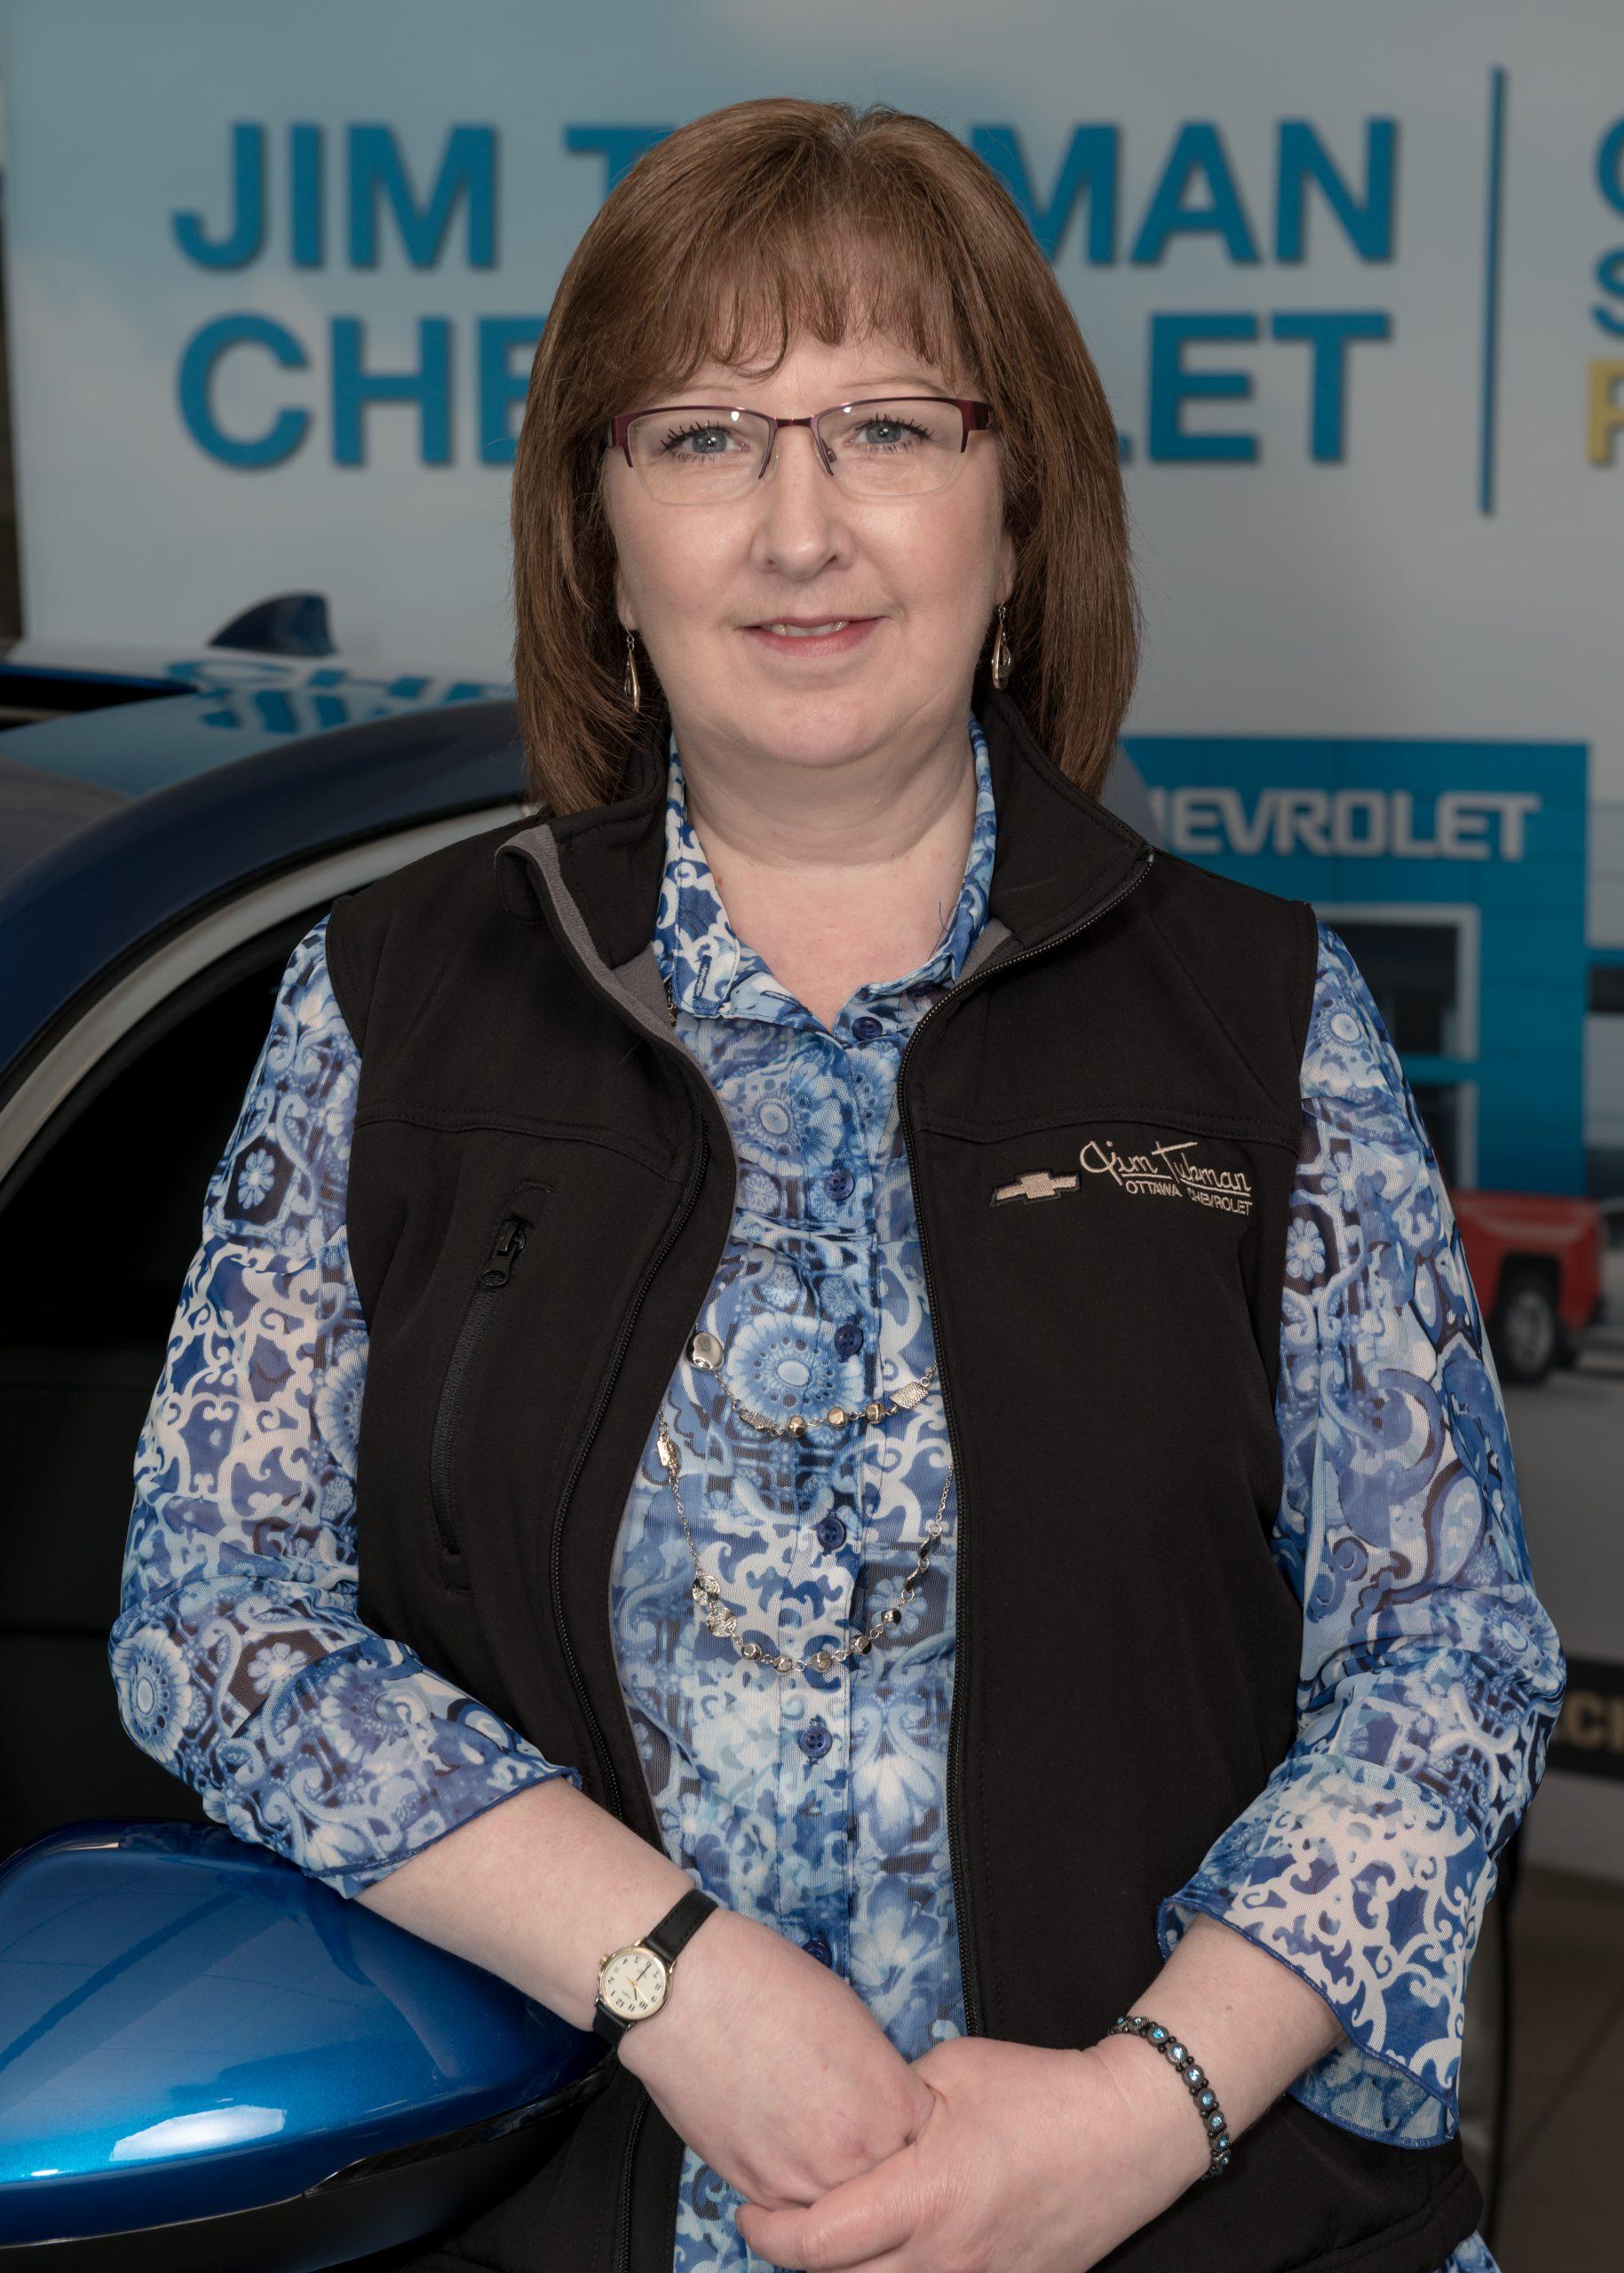 Deb Charbonneau